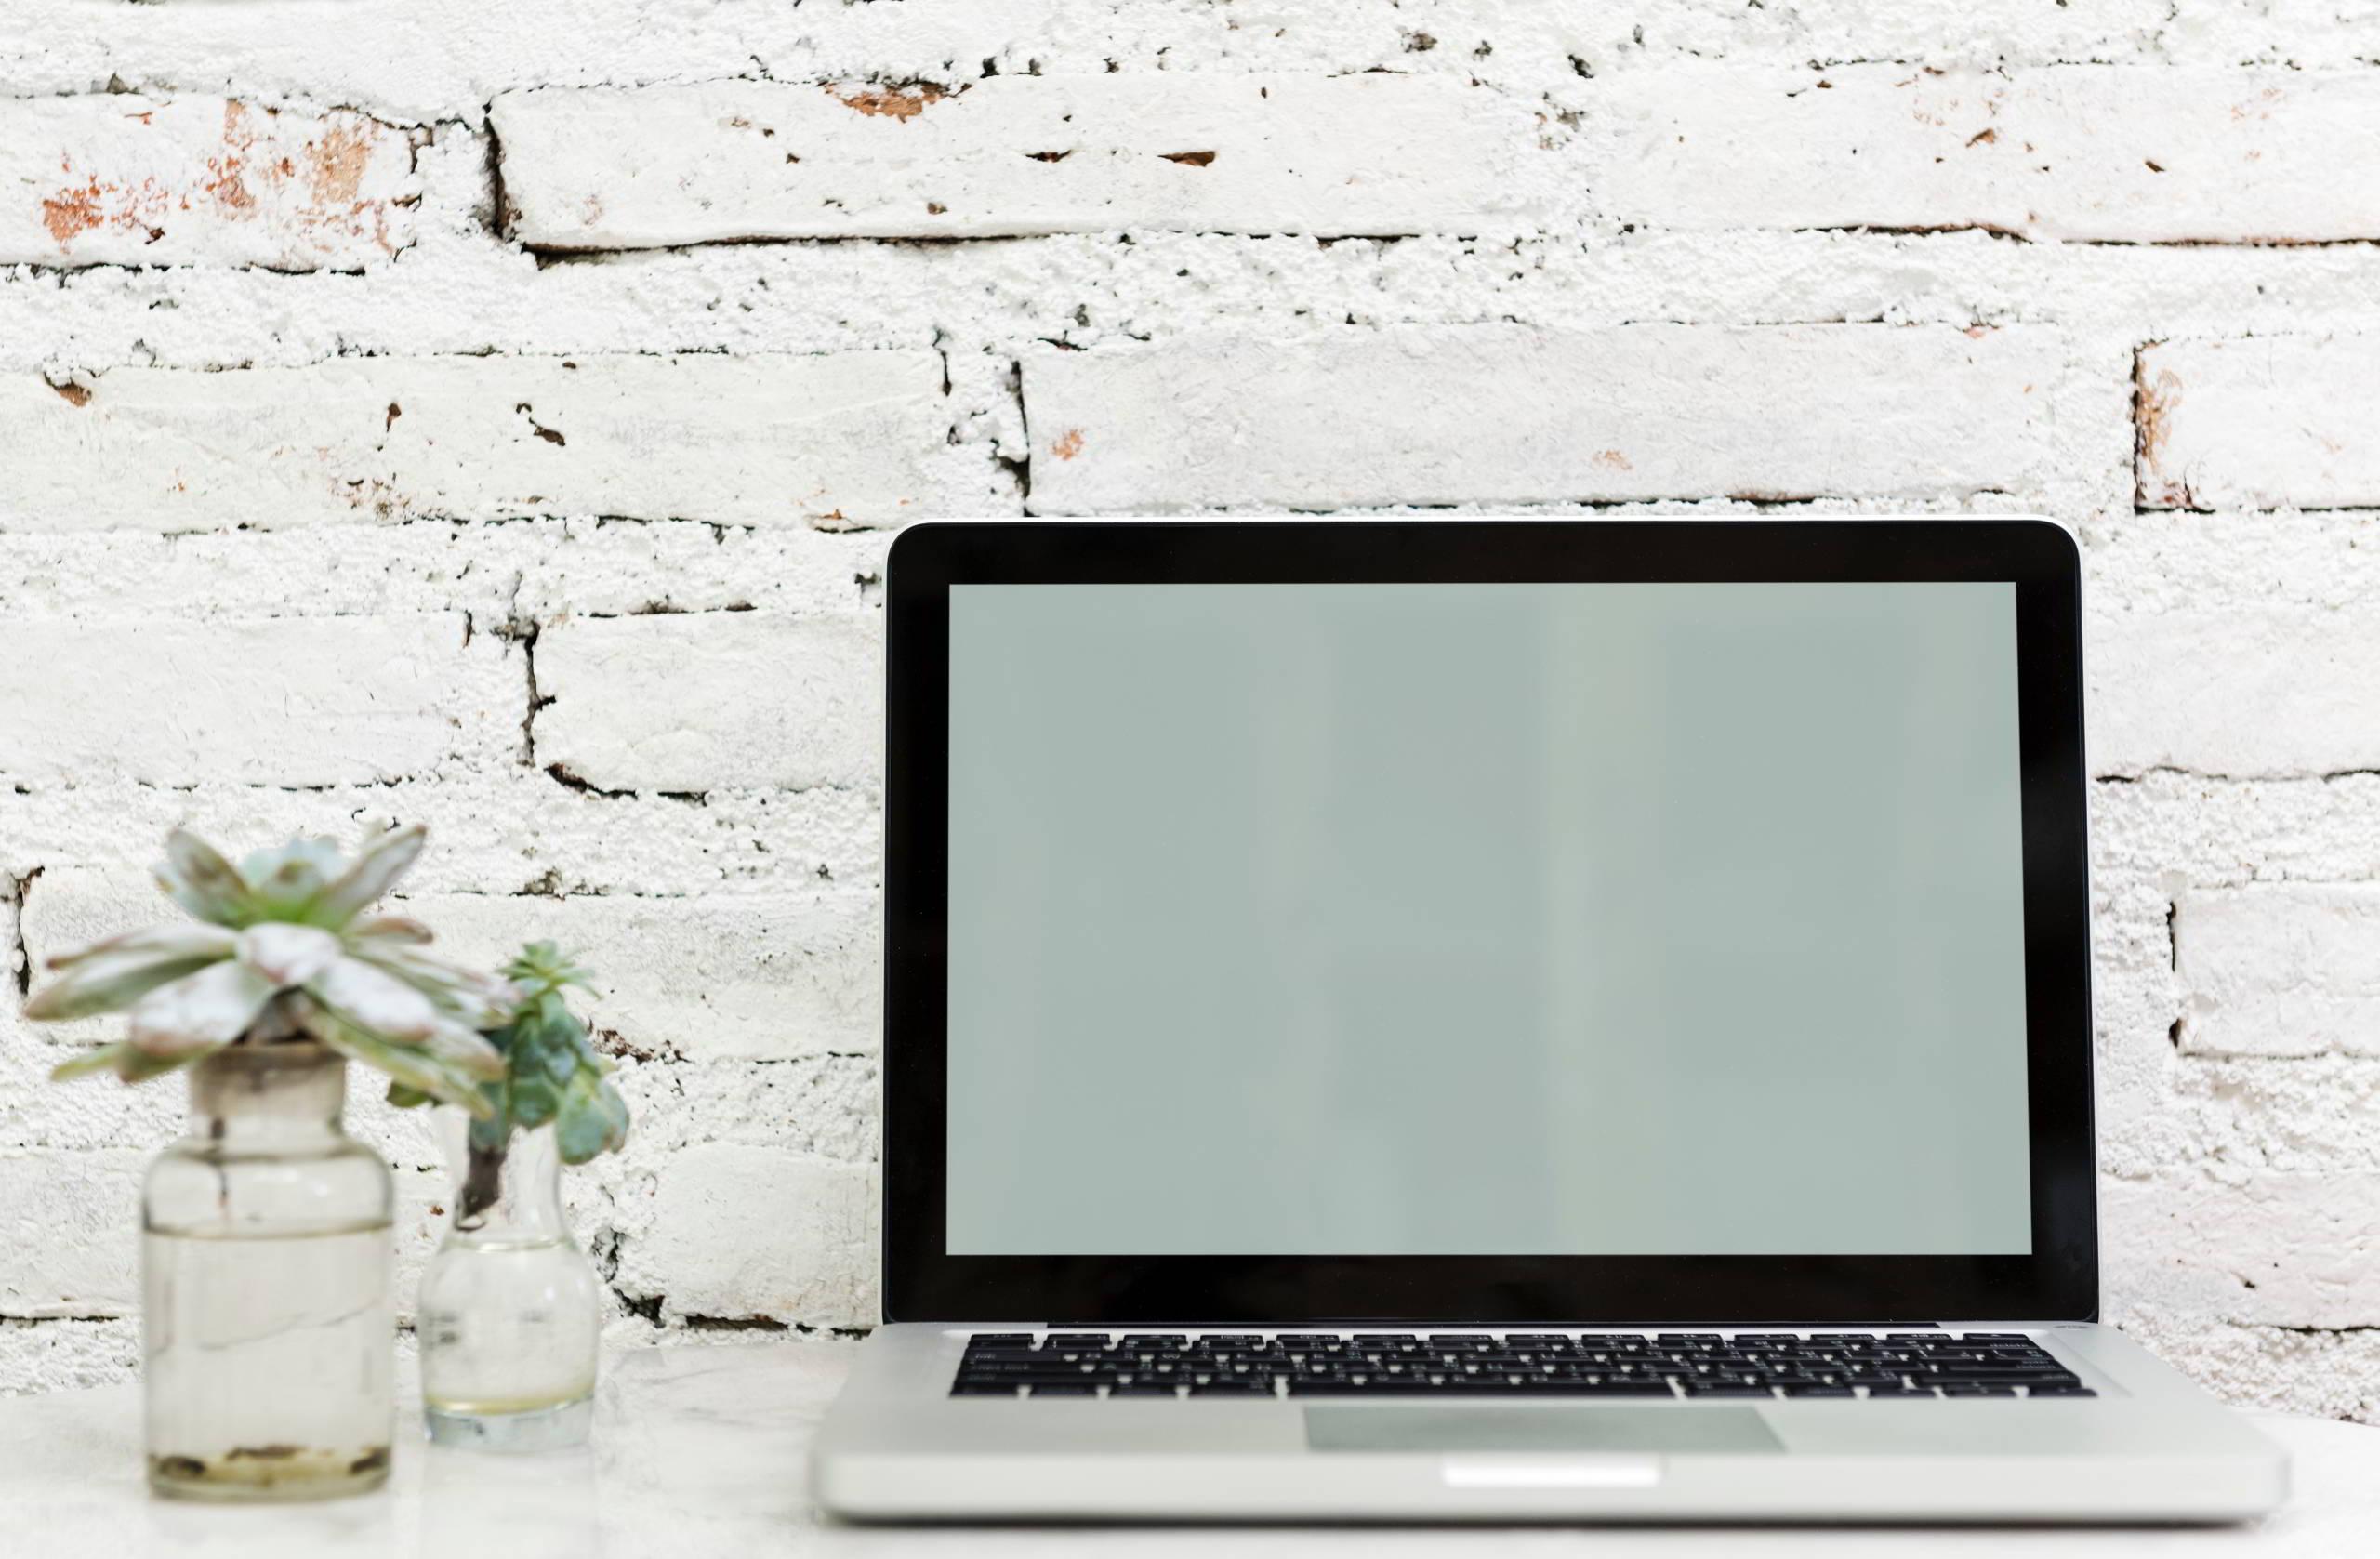 MacBook vor weißer Wand